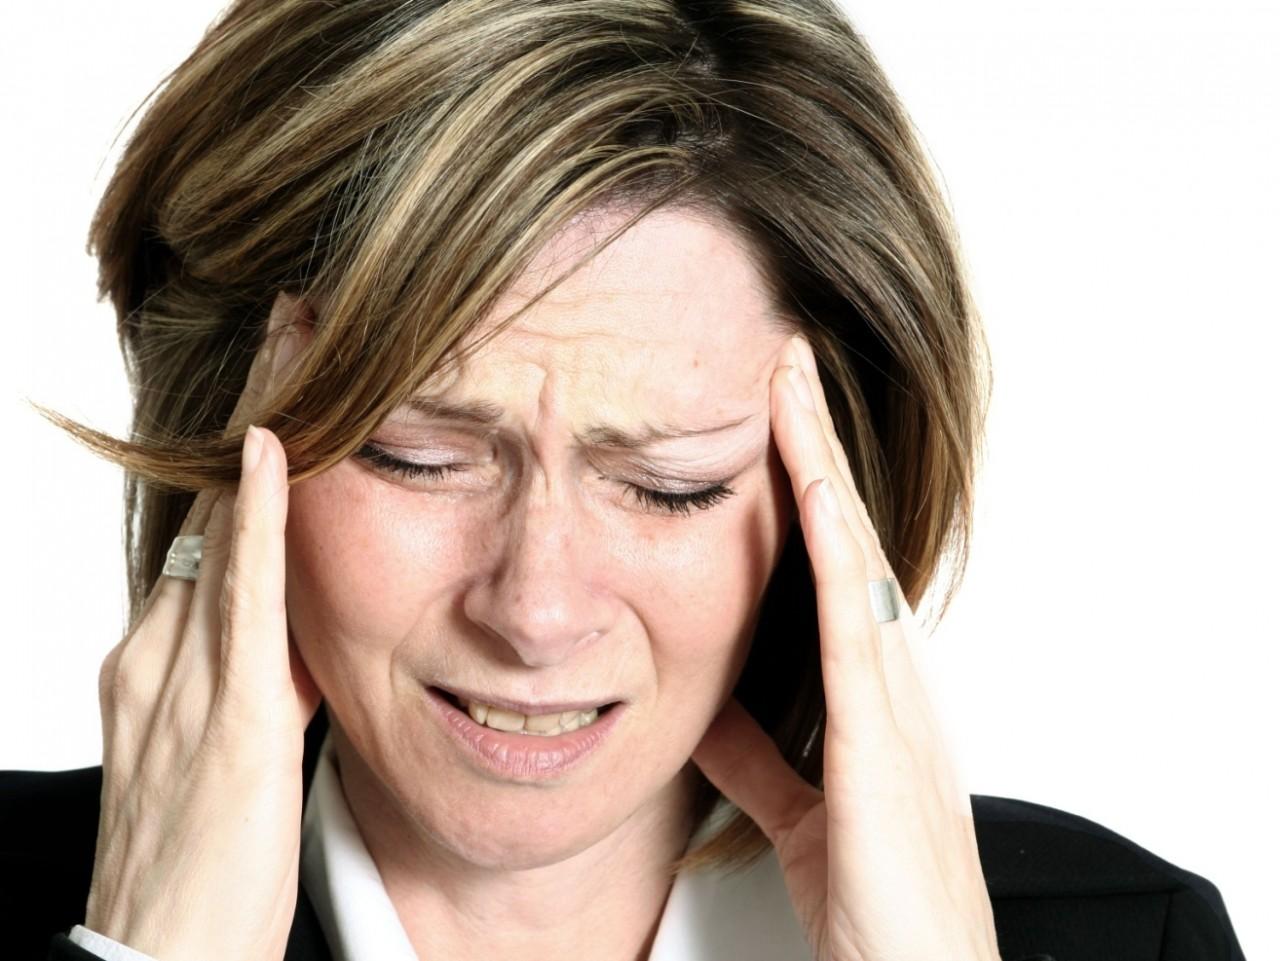 Внутричерепное давление у детей и взрослых: симптомы, лечение повышенного давления